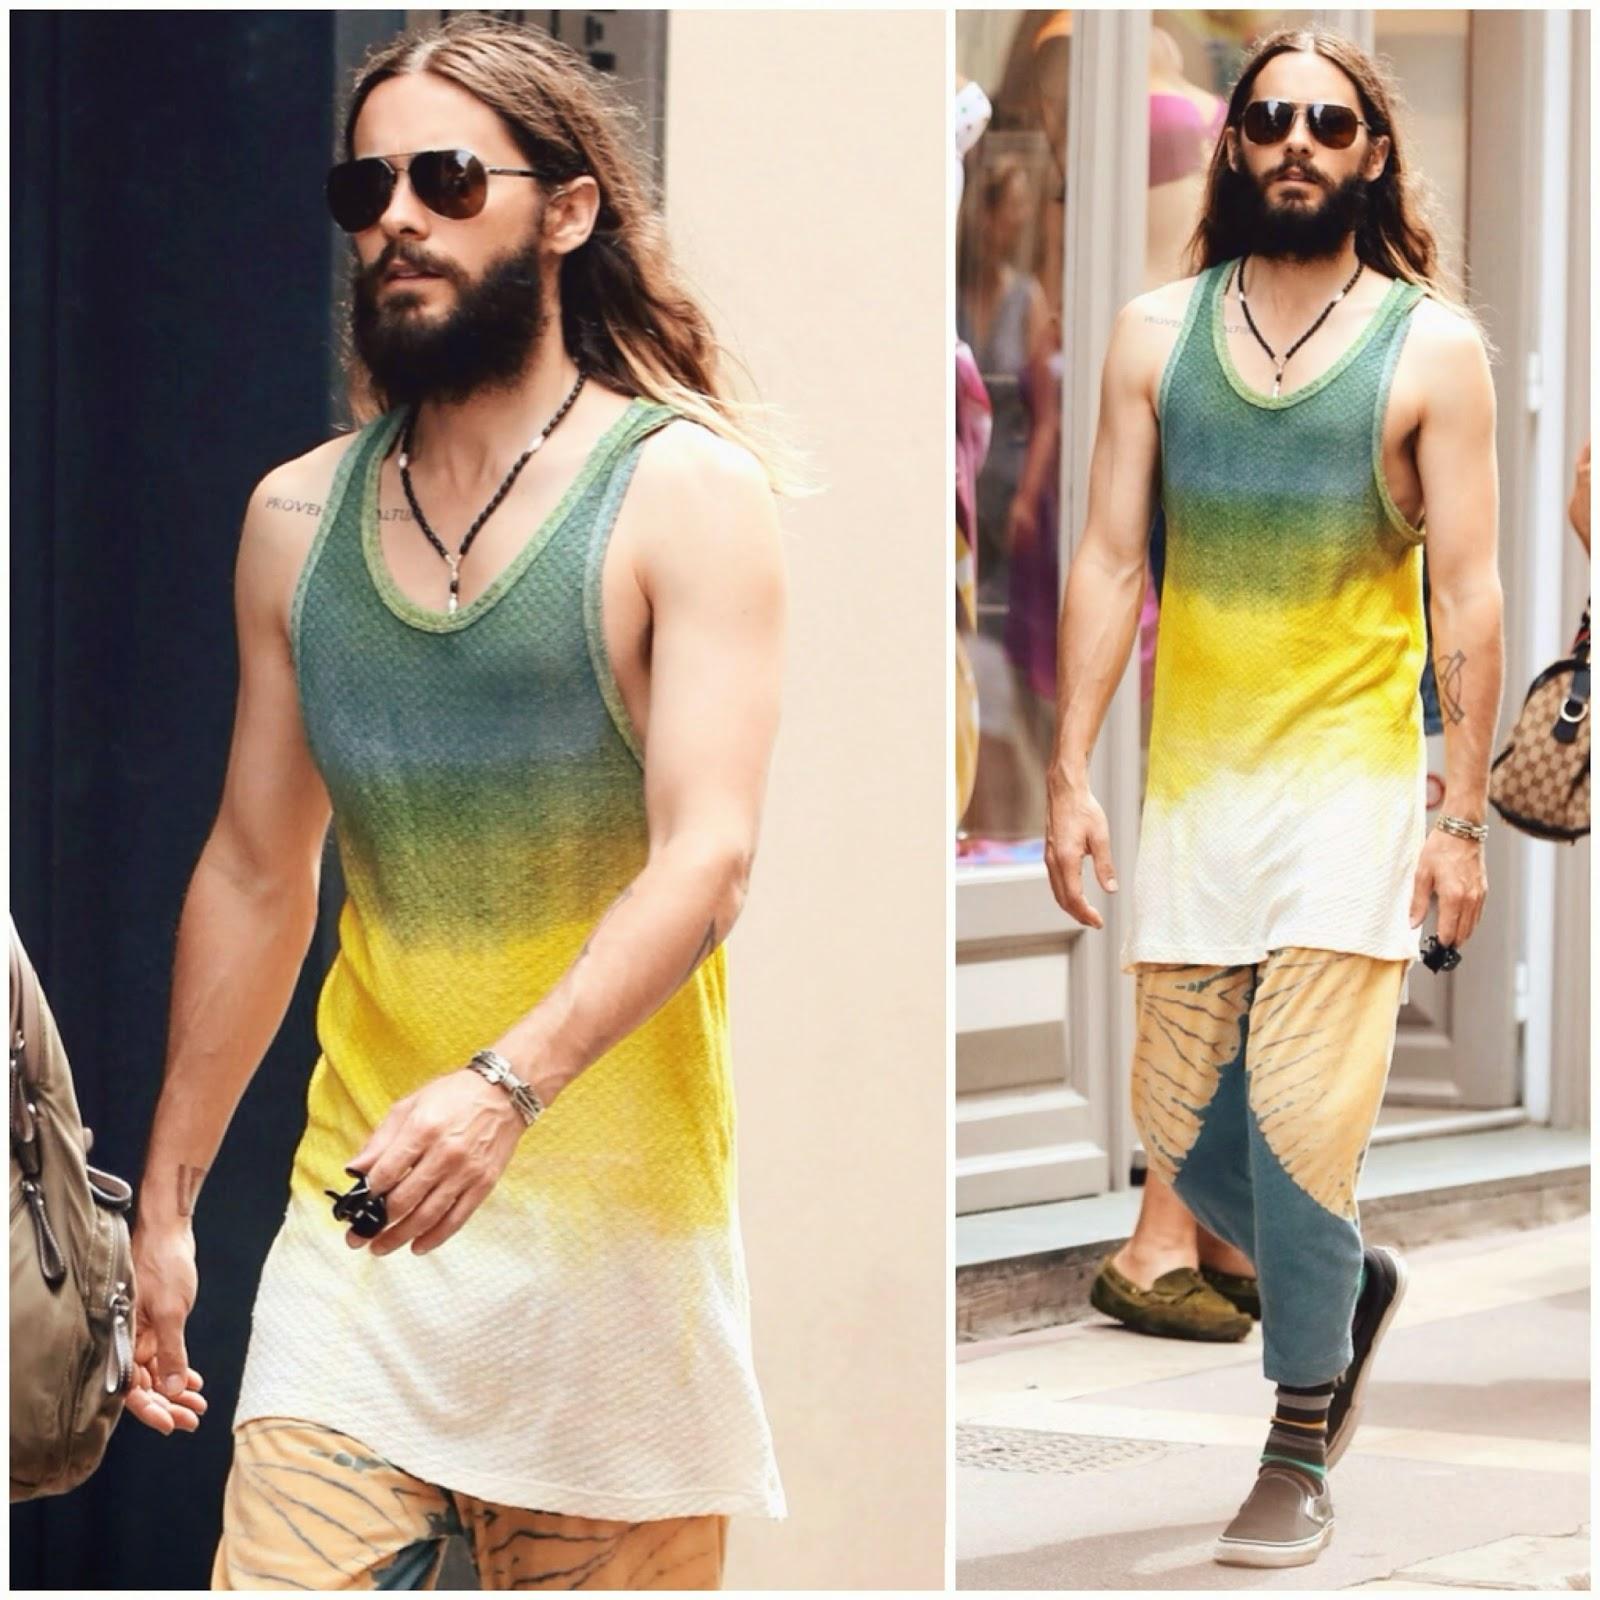 แฟชั่นไอคอน Jared Leto จาเรด เรโต้ Jared Leto Style Fashion